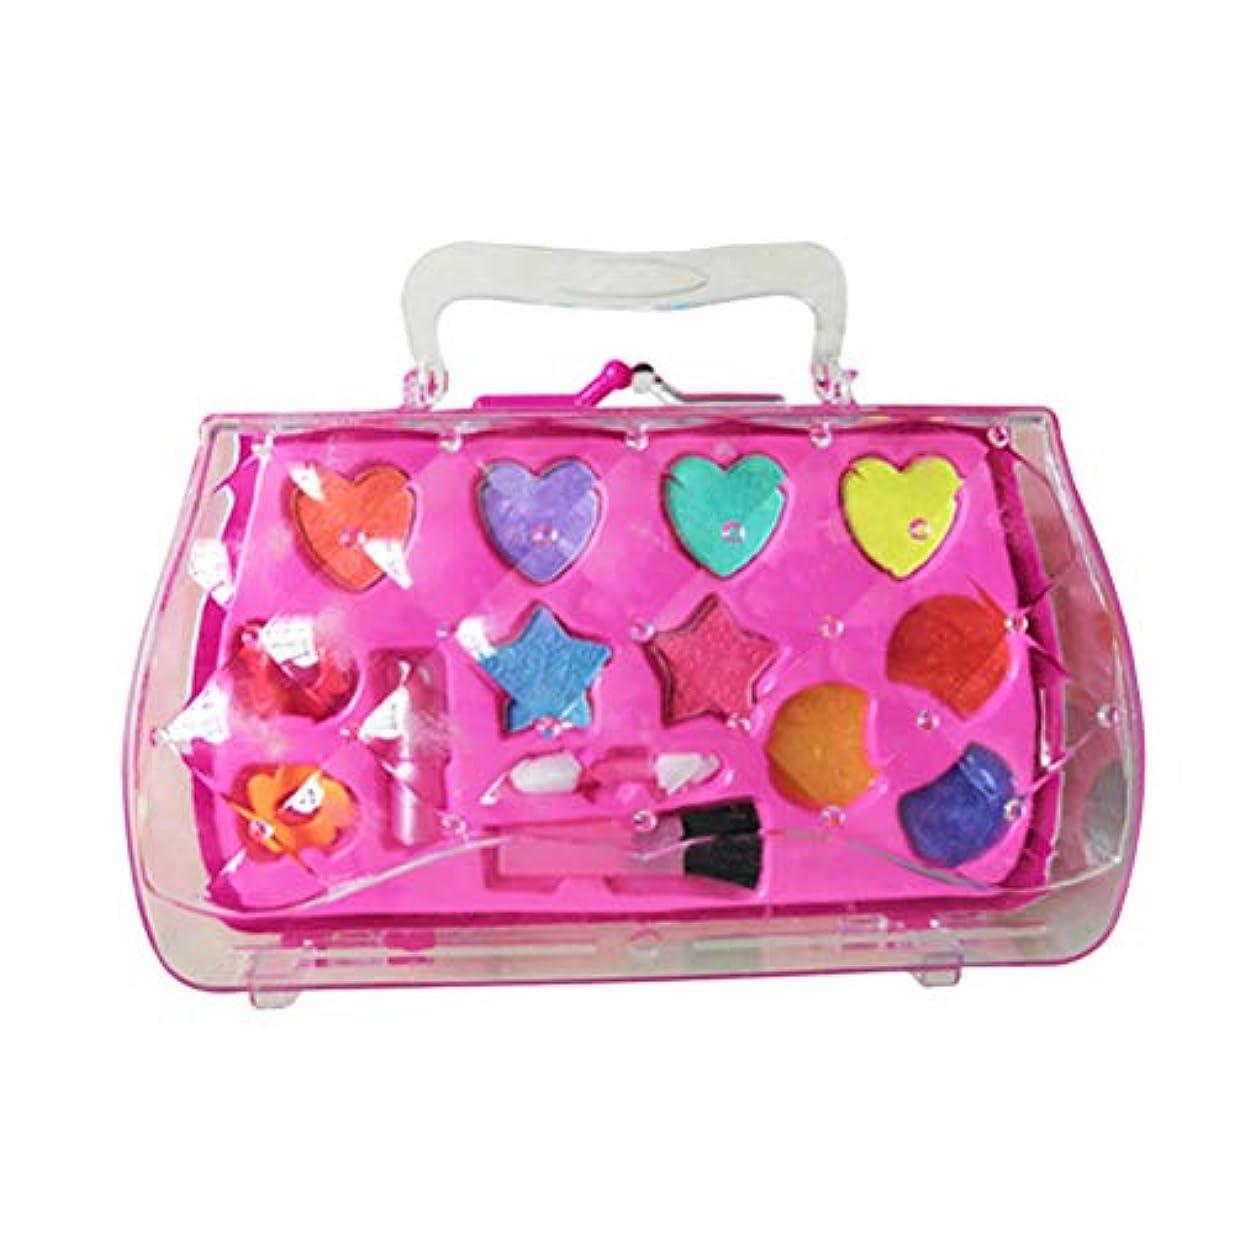 羊の服を着た狼合図グラスToyvian 女の子はおもちゃのセットを作る化粧品キットの口紅アイシャドーブラシ子供のためのおもちゃを作る女の子(ピンク)